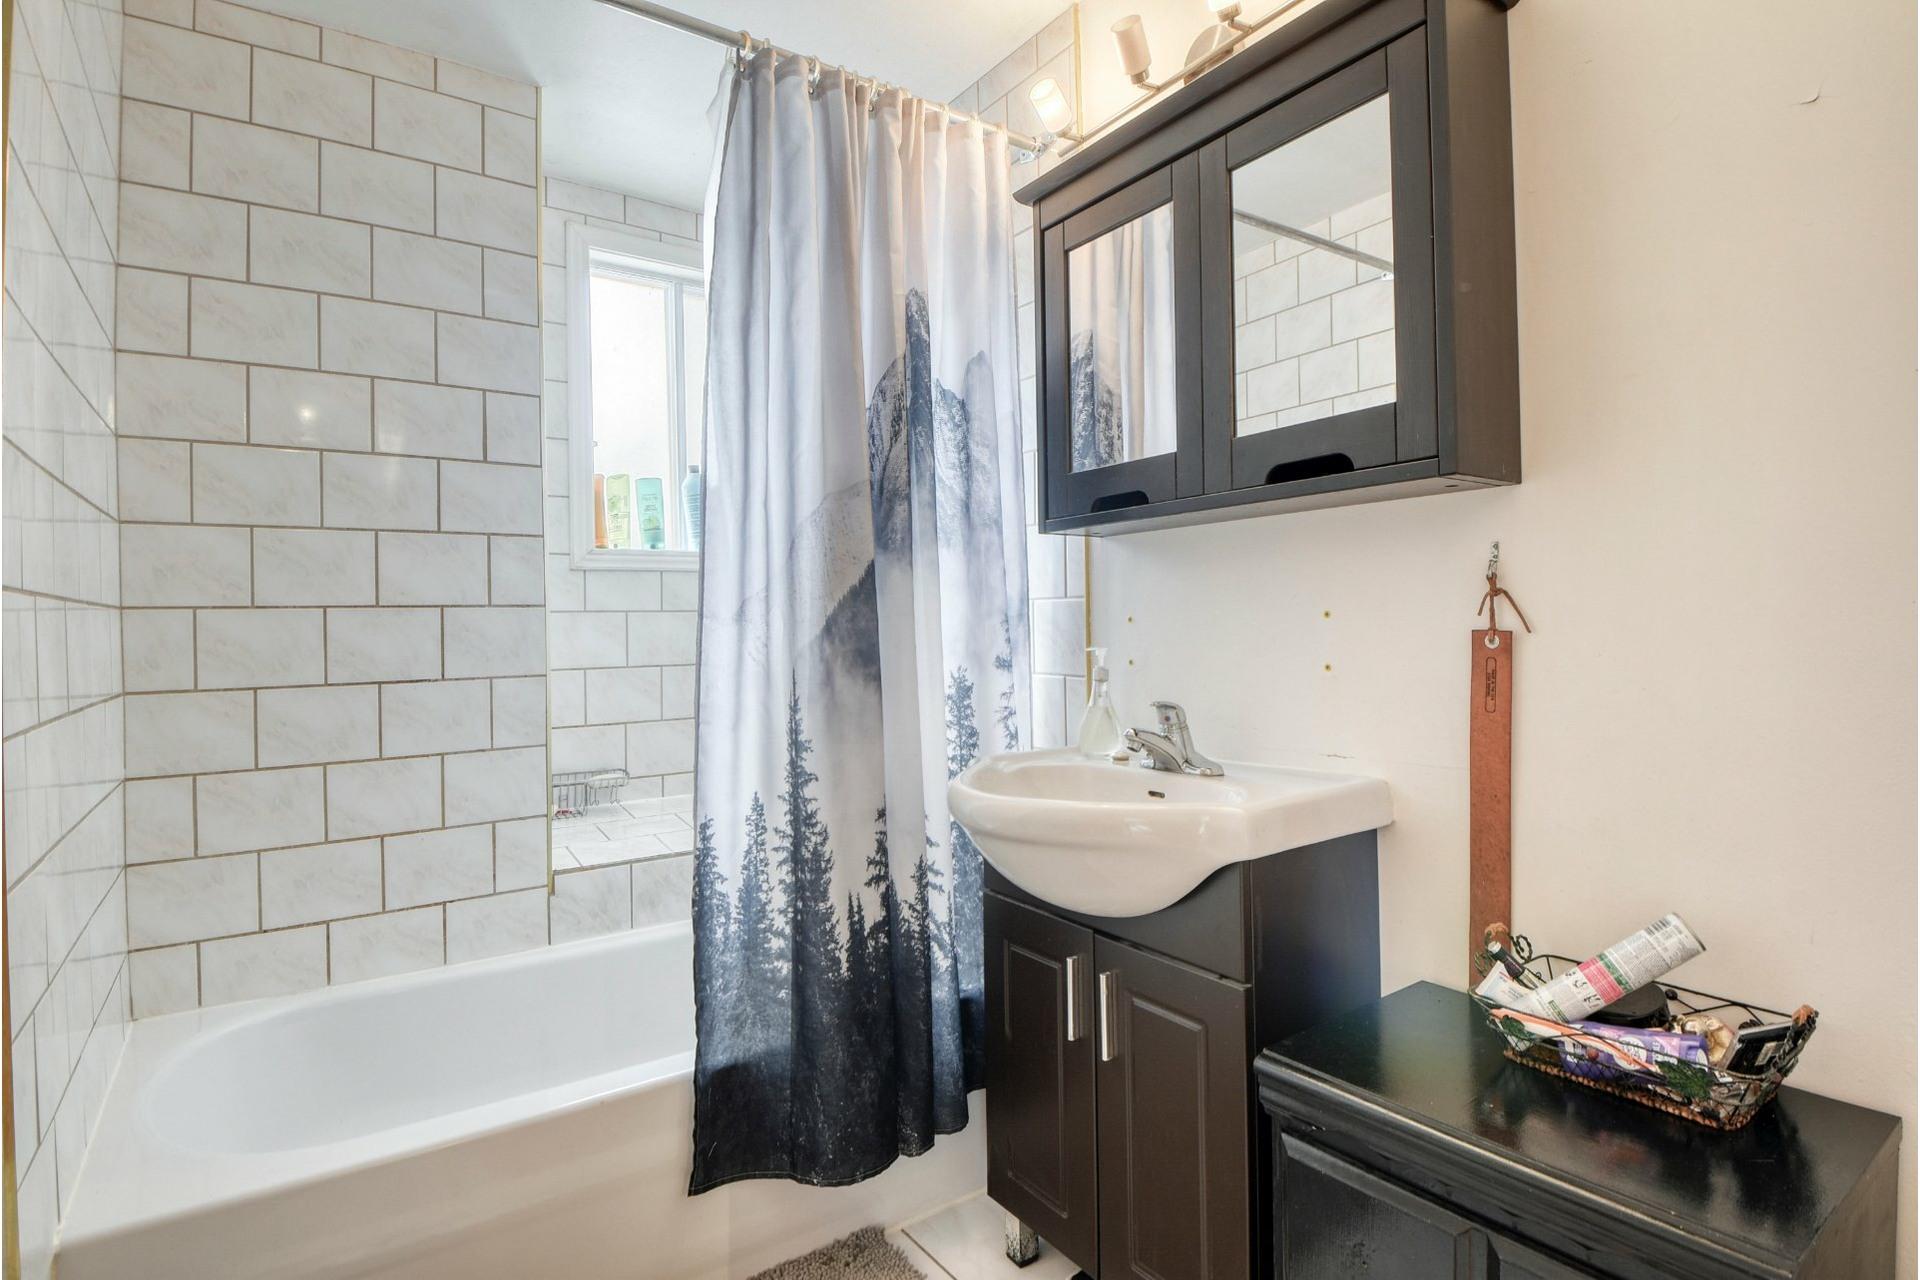 image 8 - Quintuplex For sale Mercier/Hochelaga-Maisonneuve Montréal  - 6 rooms